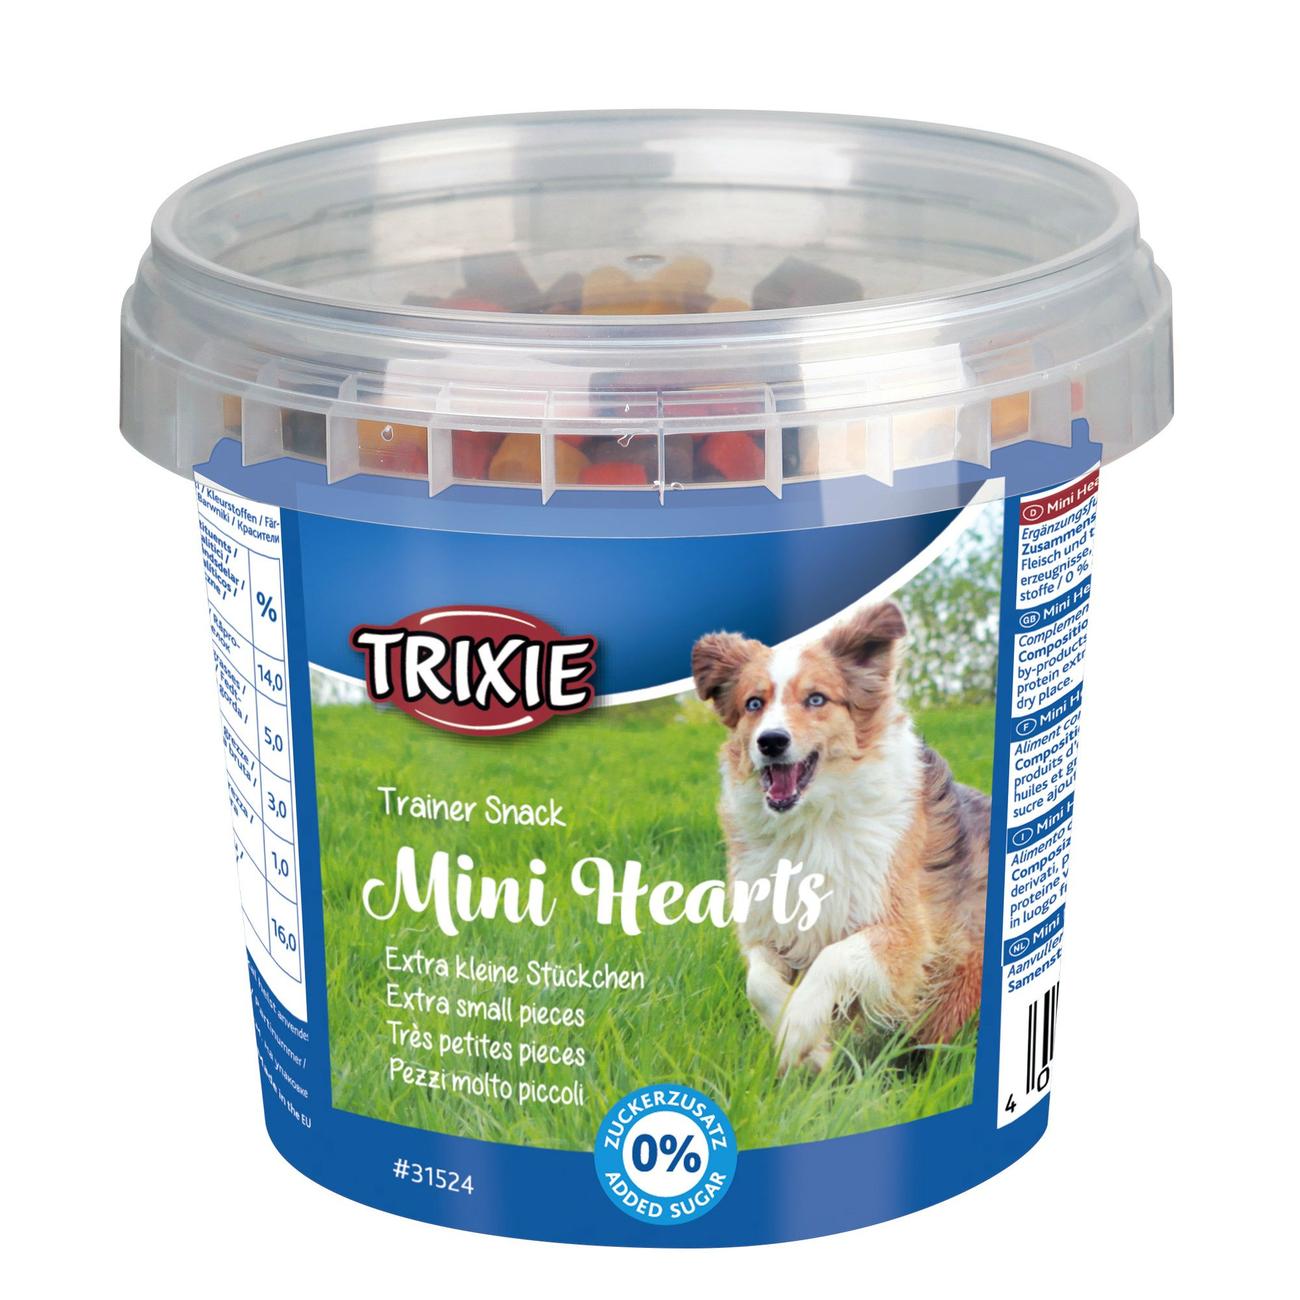 Trixie Trainersnack für Hunde Mini Hearts 31524